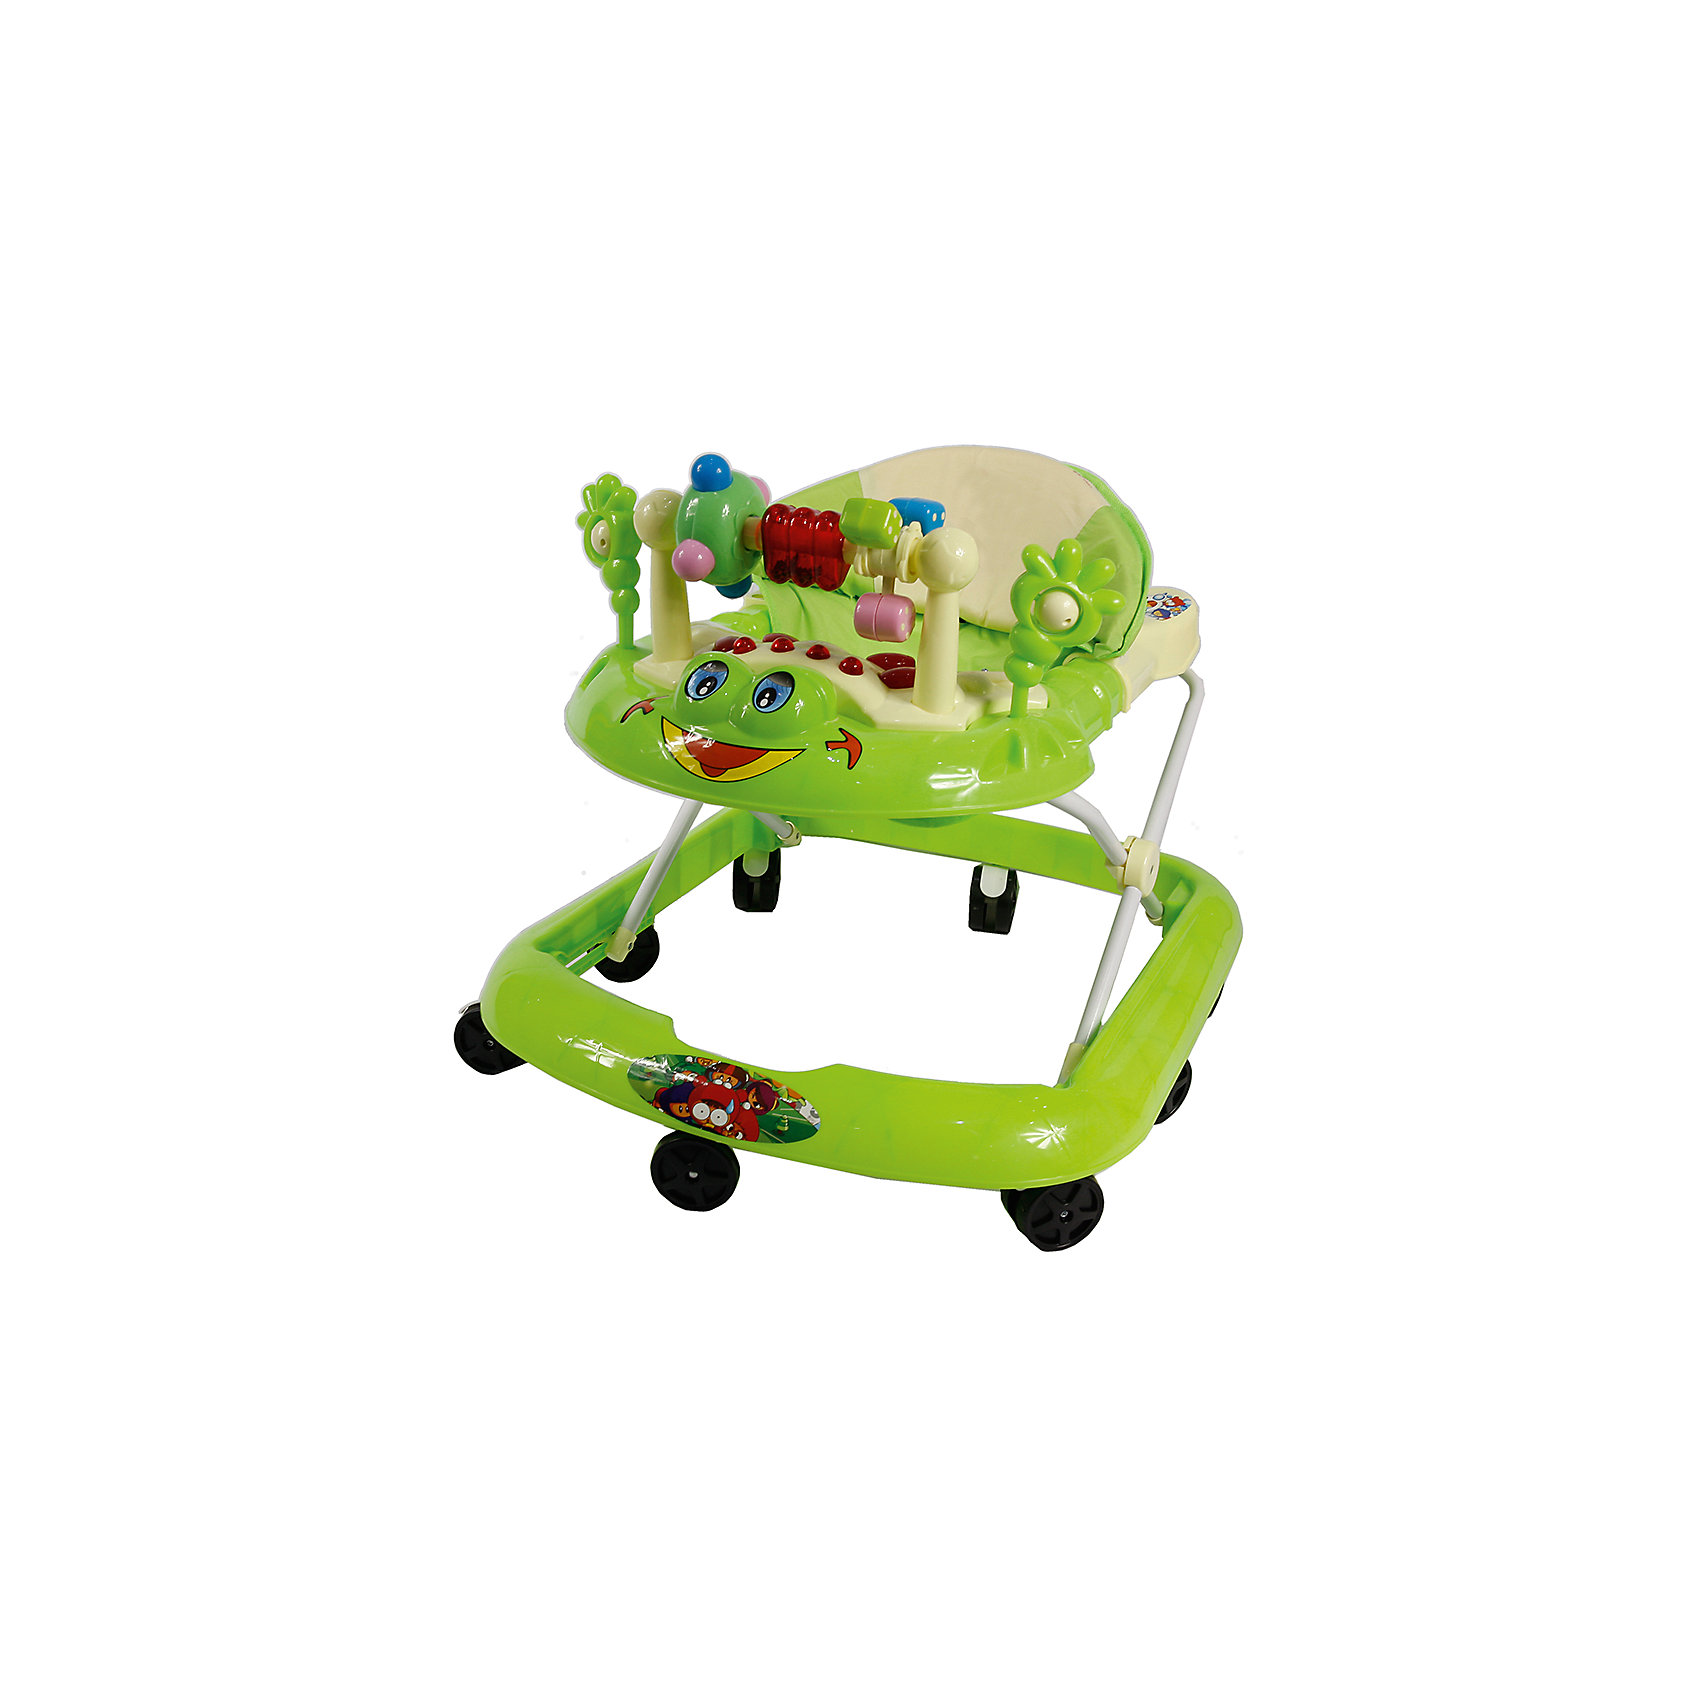 Ходунки Лягушка, Shine Ring, зеленыйХодунки<br>Характеристики товара:<br><br>• цвет: зеленый<br>• возраст: от 6 мес.<br>• 8 поворотных колес<br>• съемная игровая панель<br>• музыкальное сопровождение<br>• мягкое сиденье<br>• 3 положения высоты<br>• 2 батарейки типа (AA) (в комплект не входит)<br>• размеры: 56x63x39см<br>• вес: 2,24кг<br>• упаковка (ВхШхД), см: 63x10x54 см; вес 2,42кг<br>• страна производства: Китай<br><br>Ходунки Shine Ring - это отличное приобретение, которое поможет вашему малышу сделать свои первые шаги. <br><br>Большое количество поворотных колес прекрасно распределят вес малыша. <br><br>Широкое основание придает отличную устойчивость, что обезопасит вашего ребенка. <br><br>Съемная игровая панель сможет развить мелкую моторику. <br><br>Приятное мягкое сидение прочно крепится к раме и не будет доставлять дискомфорт во время использования.<br><br>Ходунки Лягушка, Shine Ring можно купить в нашем интернет-магазине.<br><br>Ширина мм: 670<br>Глубина мм: 600<br>Высота мм: 520<br>Вес г: 2800<br>Возраст от месяцев: 6<br>Возраст до месяцев: 12<br>Пол: Унисекс<br>Возраст: Детский<br>SKU: 5559212